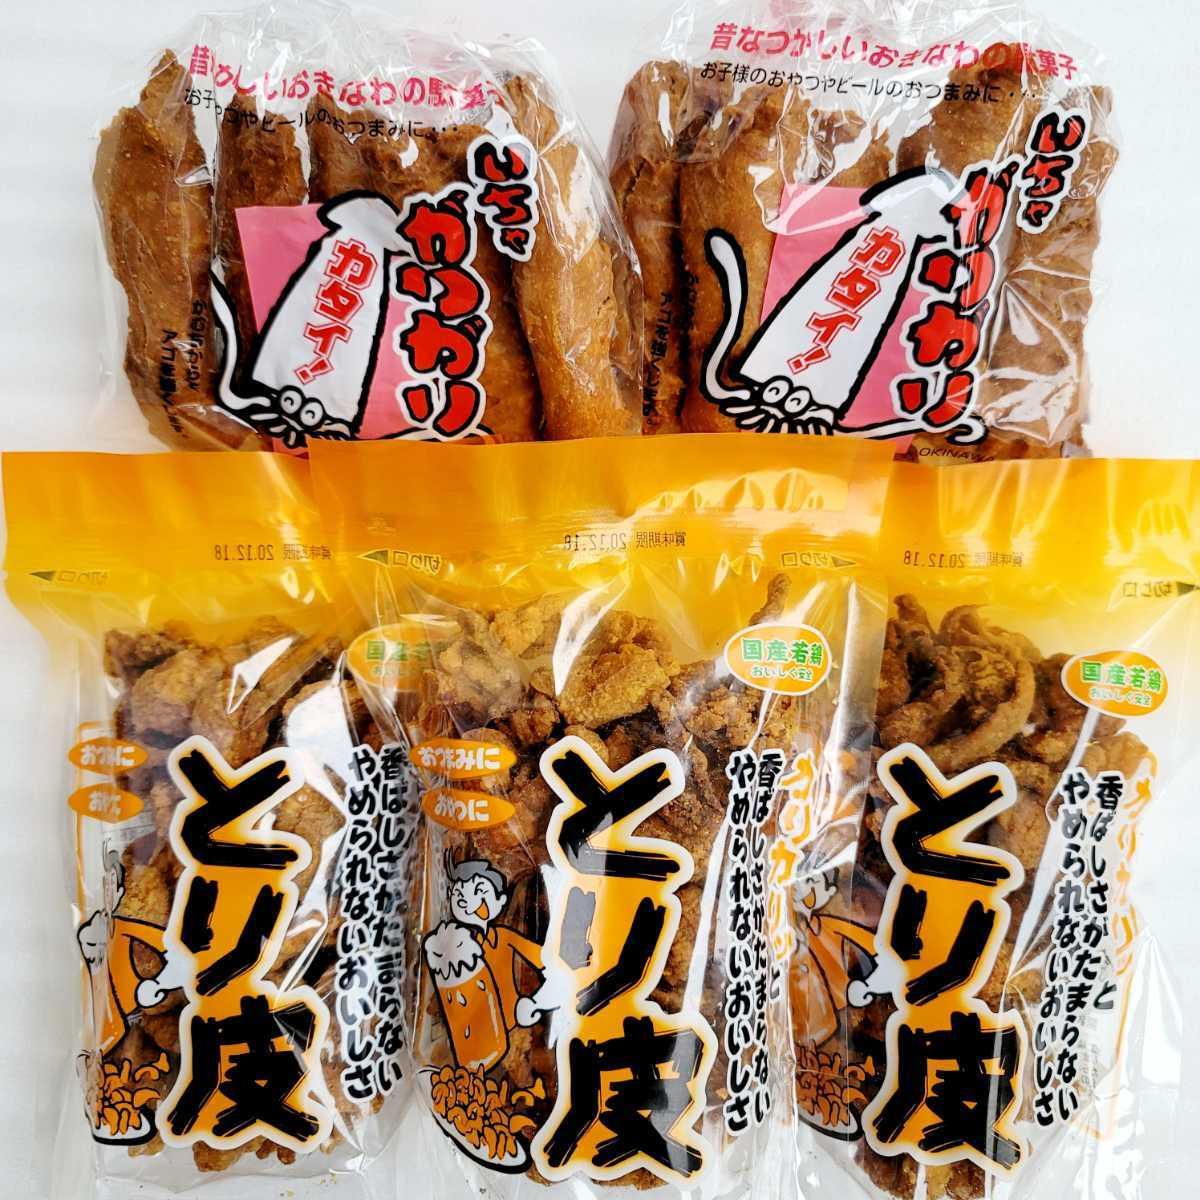 おつまみ、おやつに 沖縄 とり皮・いちゃがりがり セット * お菓子詰め合わせ 鶏皮揚げ_画像1